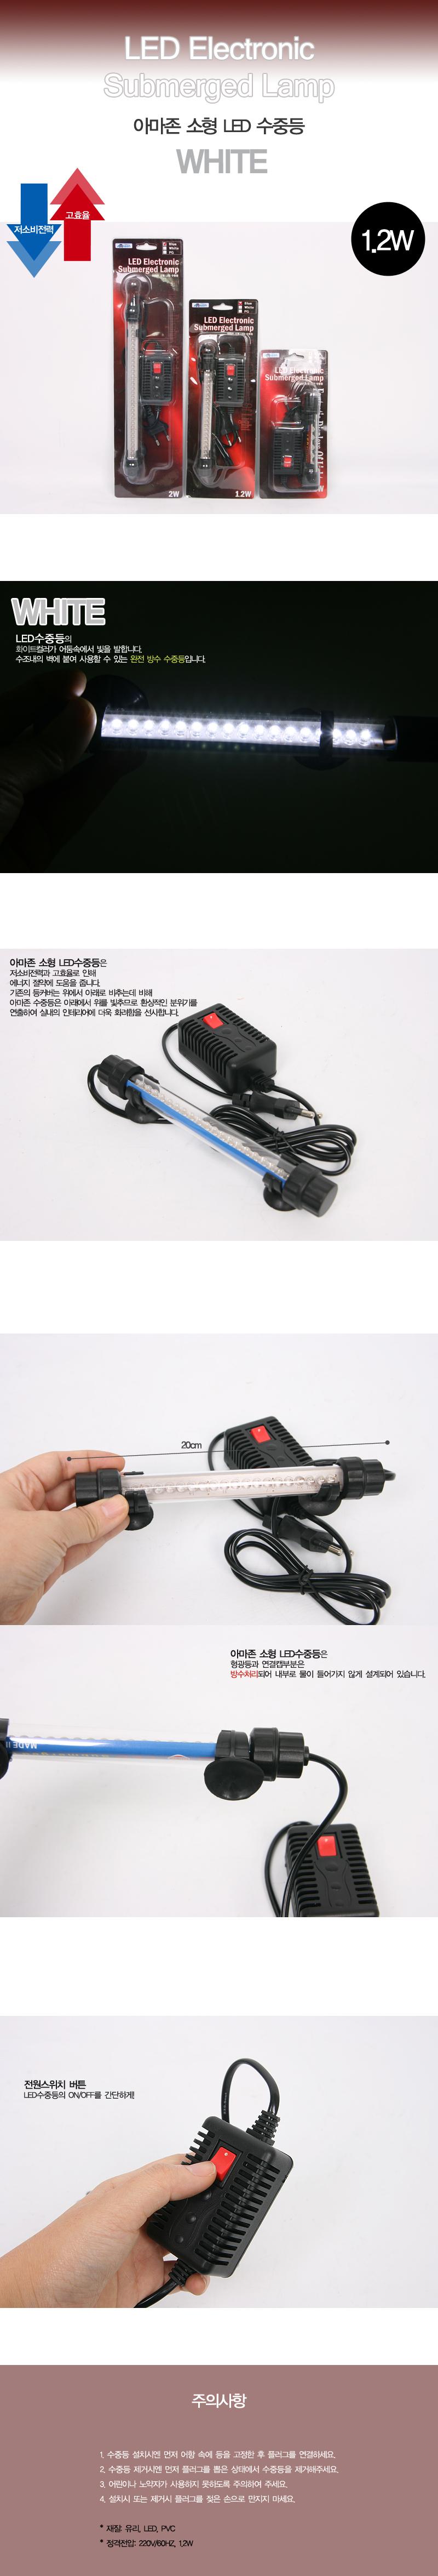 아마존 LED 수중등 1.2W (중)/화이트 - 미미네아쿠아, 12,000원, 부속품, 조명